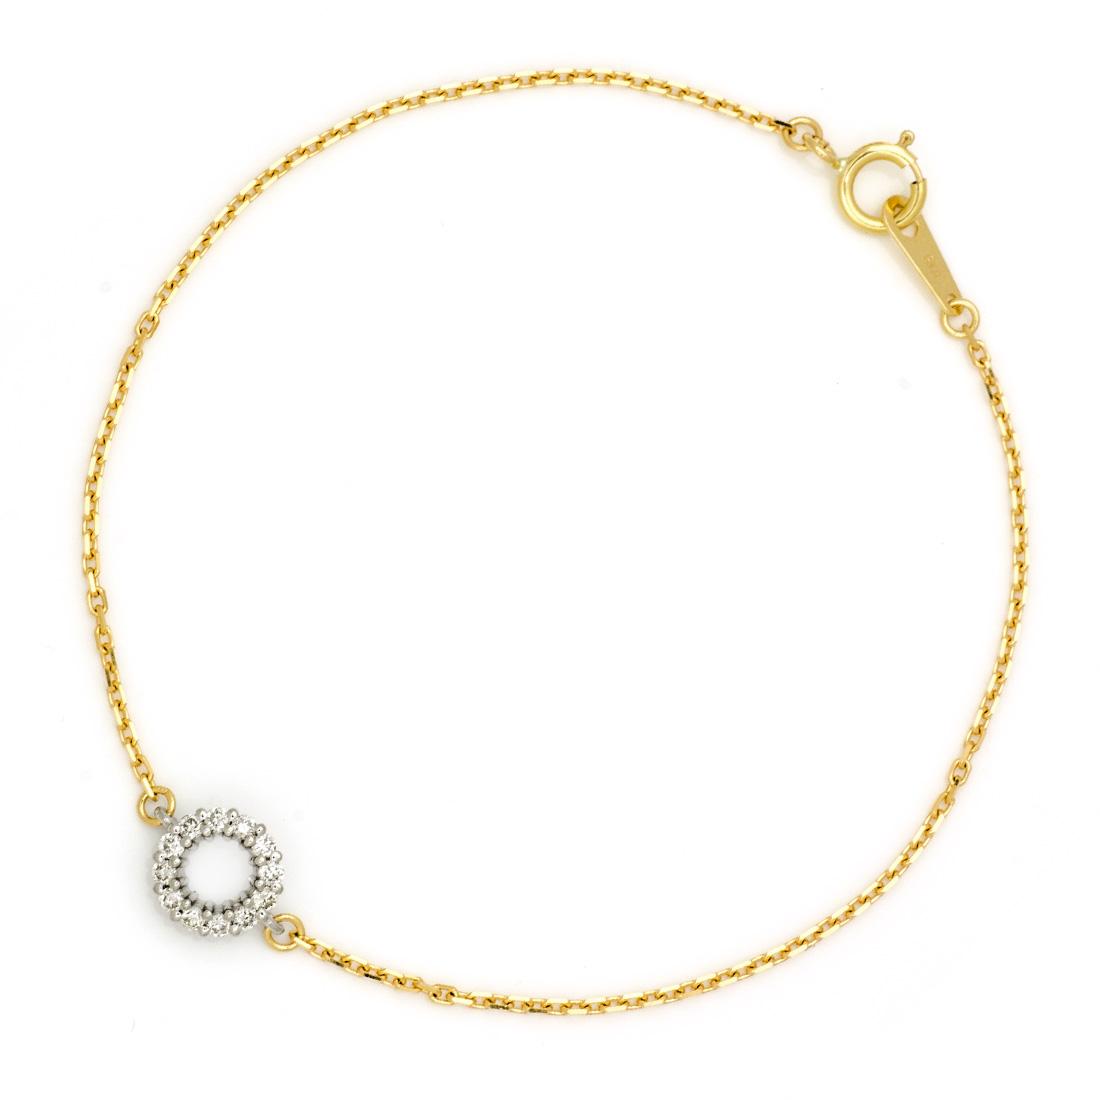 ブレスレット ダイヤモンド 「halo」 プラチナ900 ゴールド K18 コンビネーション アズキチェーン